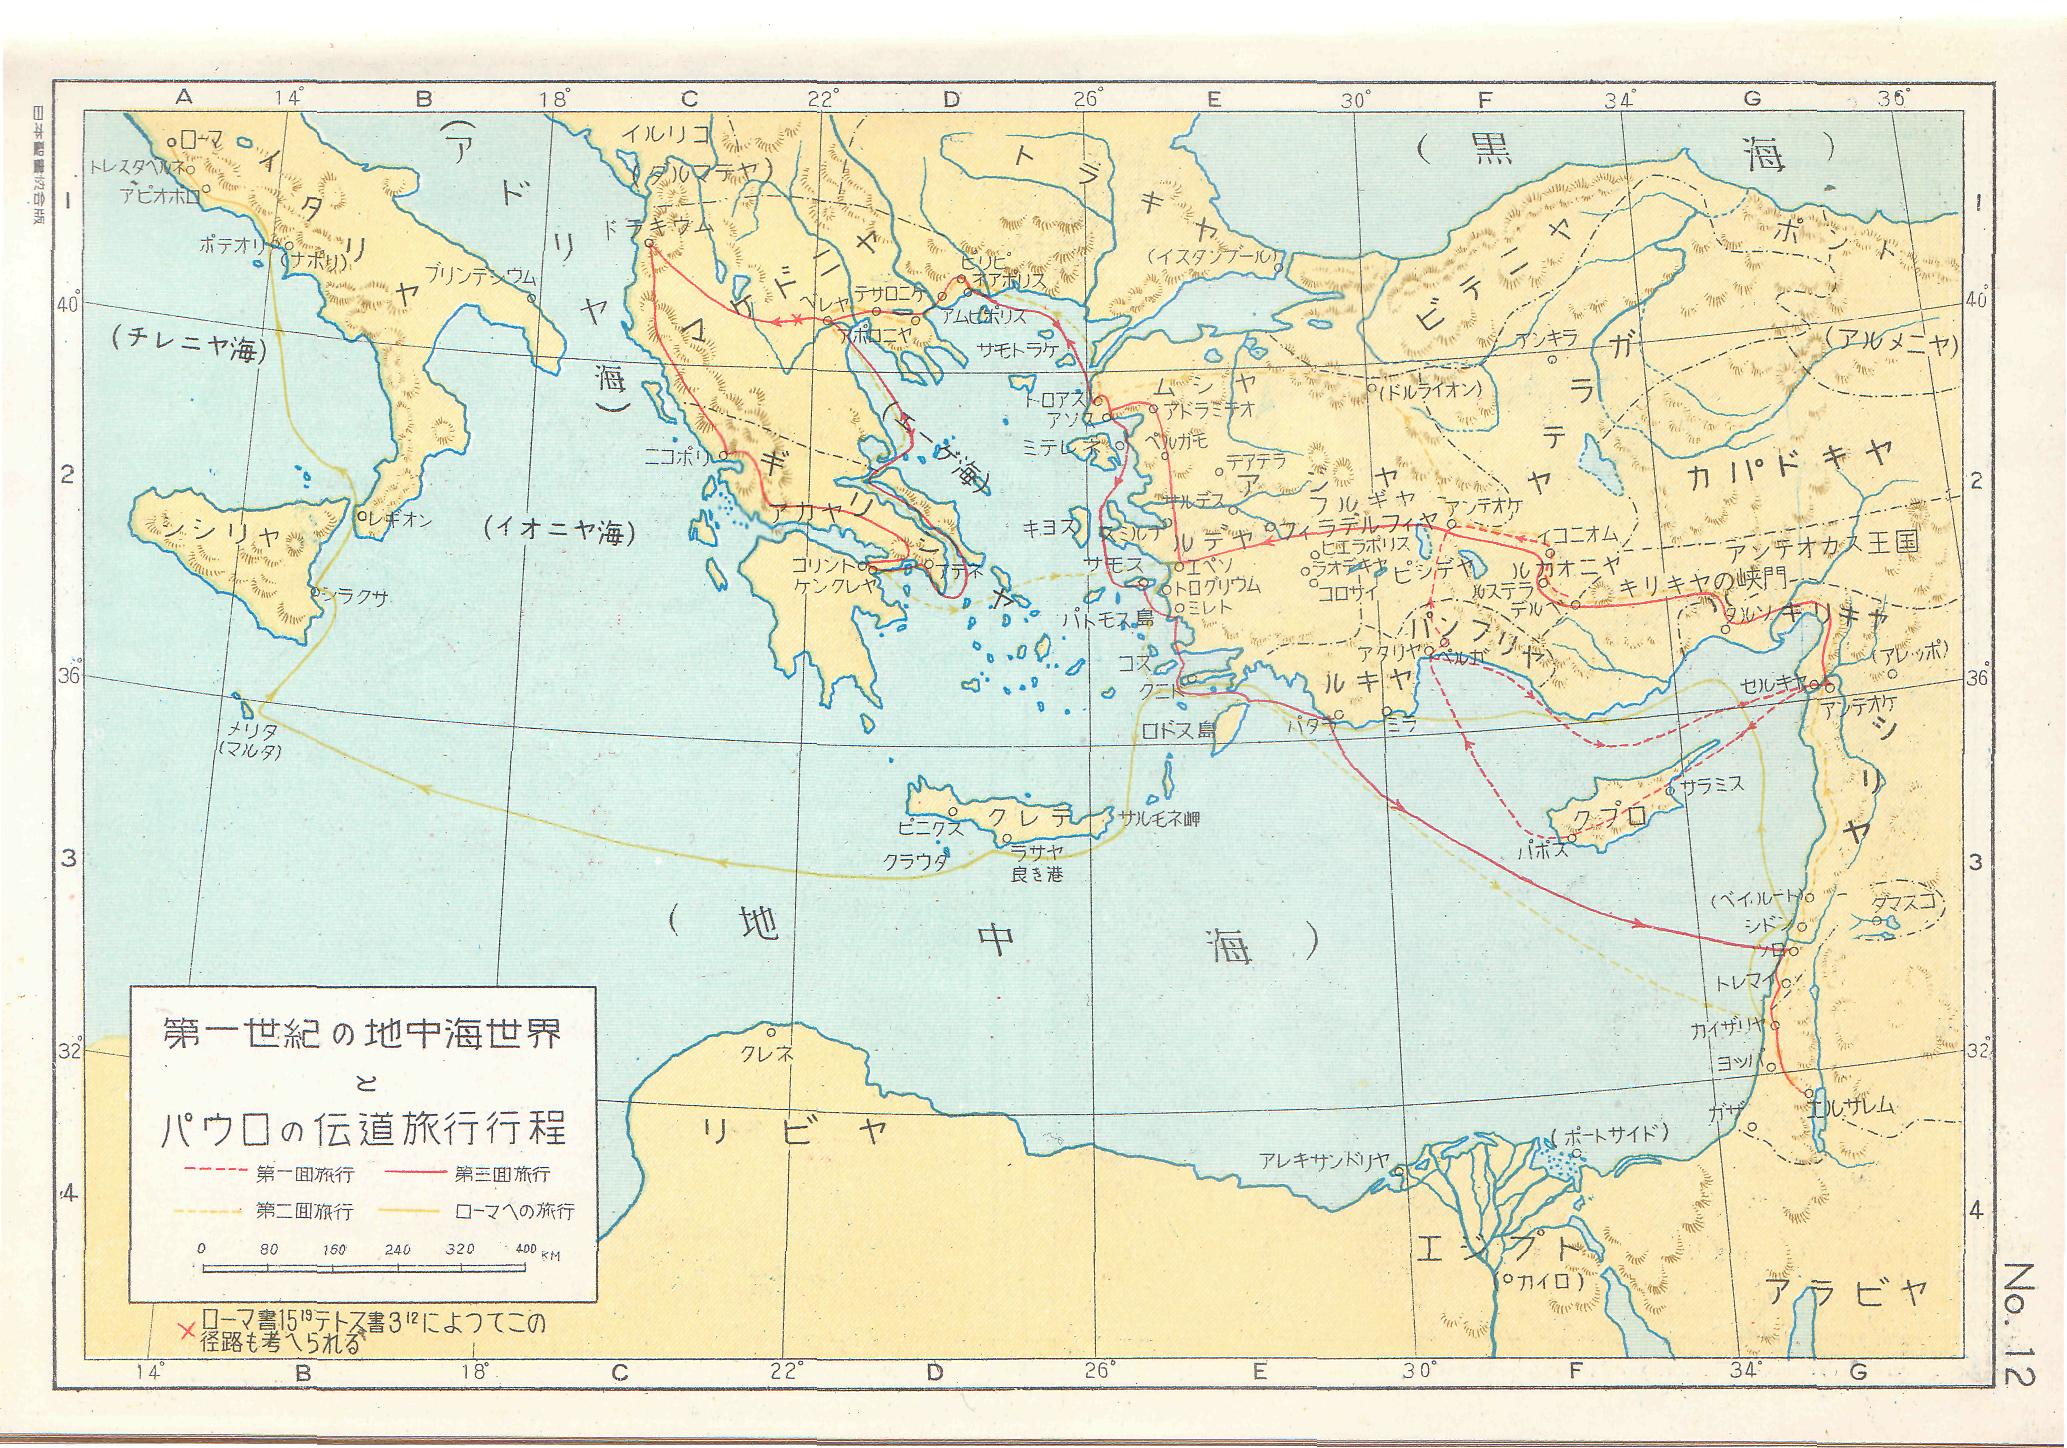 https://upload.wikimedia.org/wikipedia/commons/f/fb/JBS1956-B_map12.png